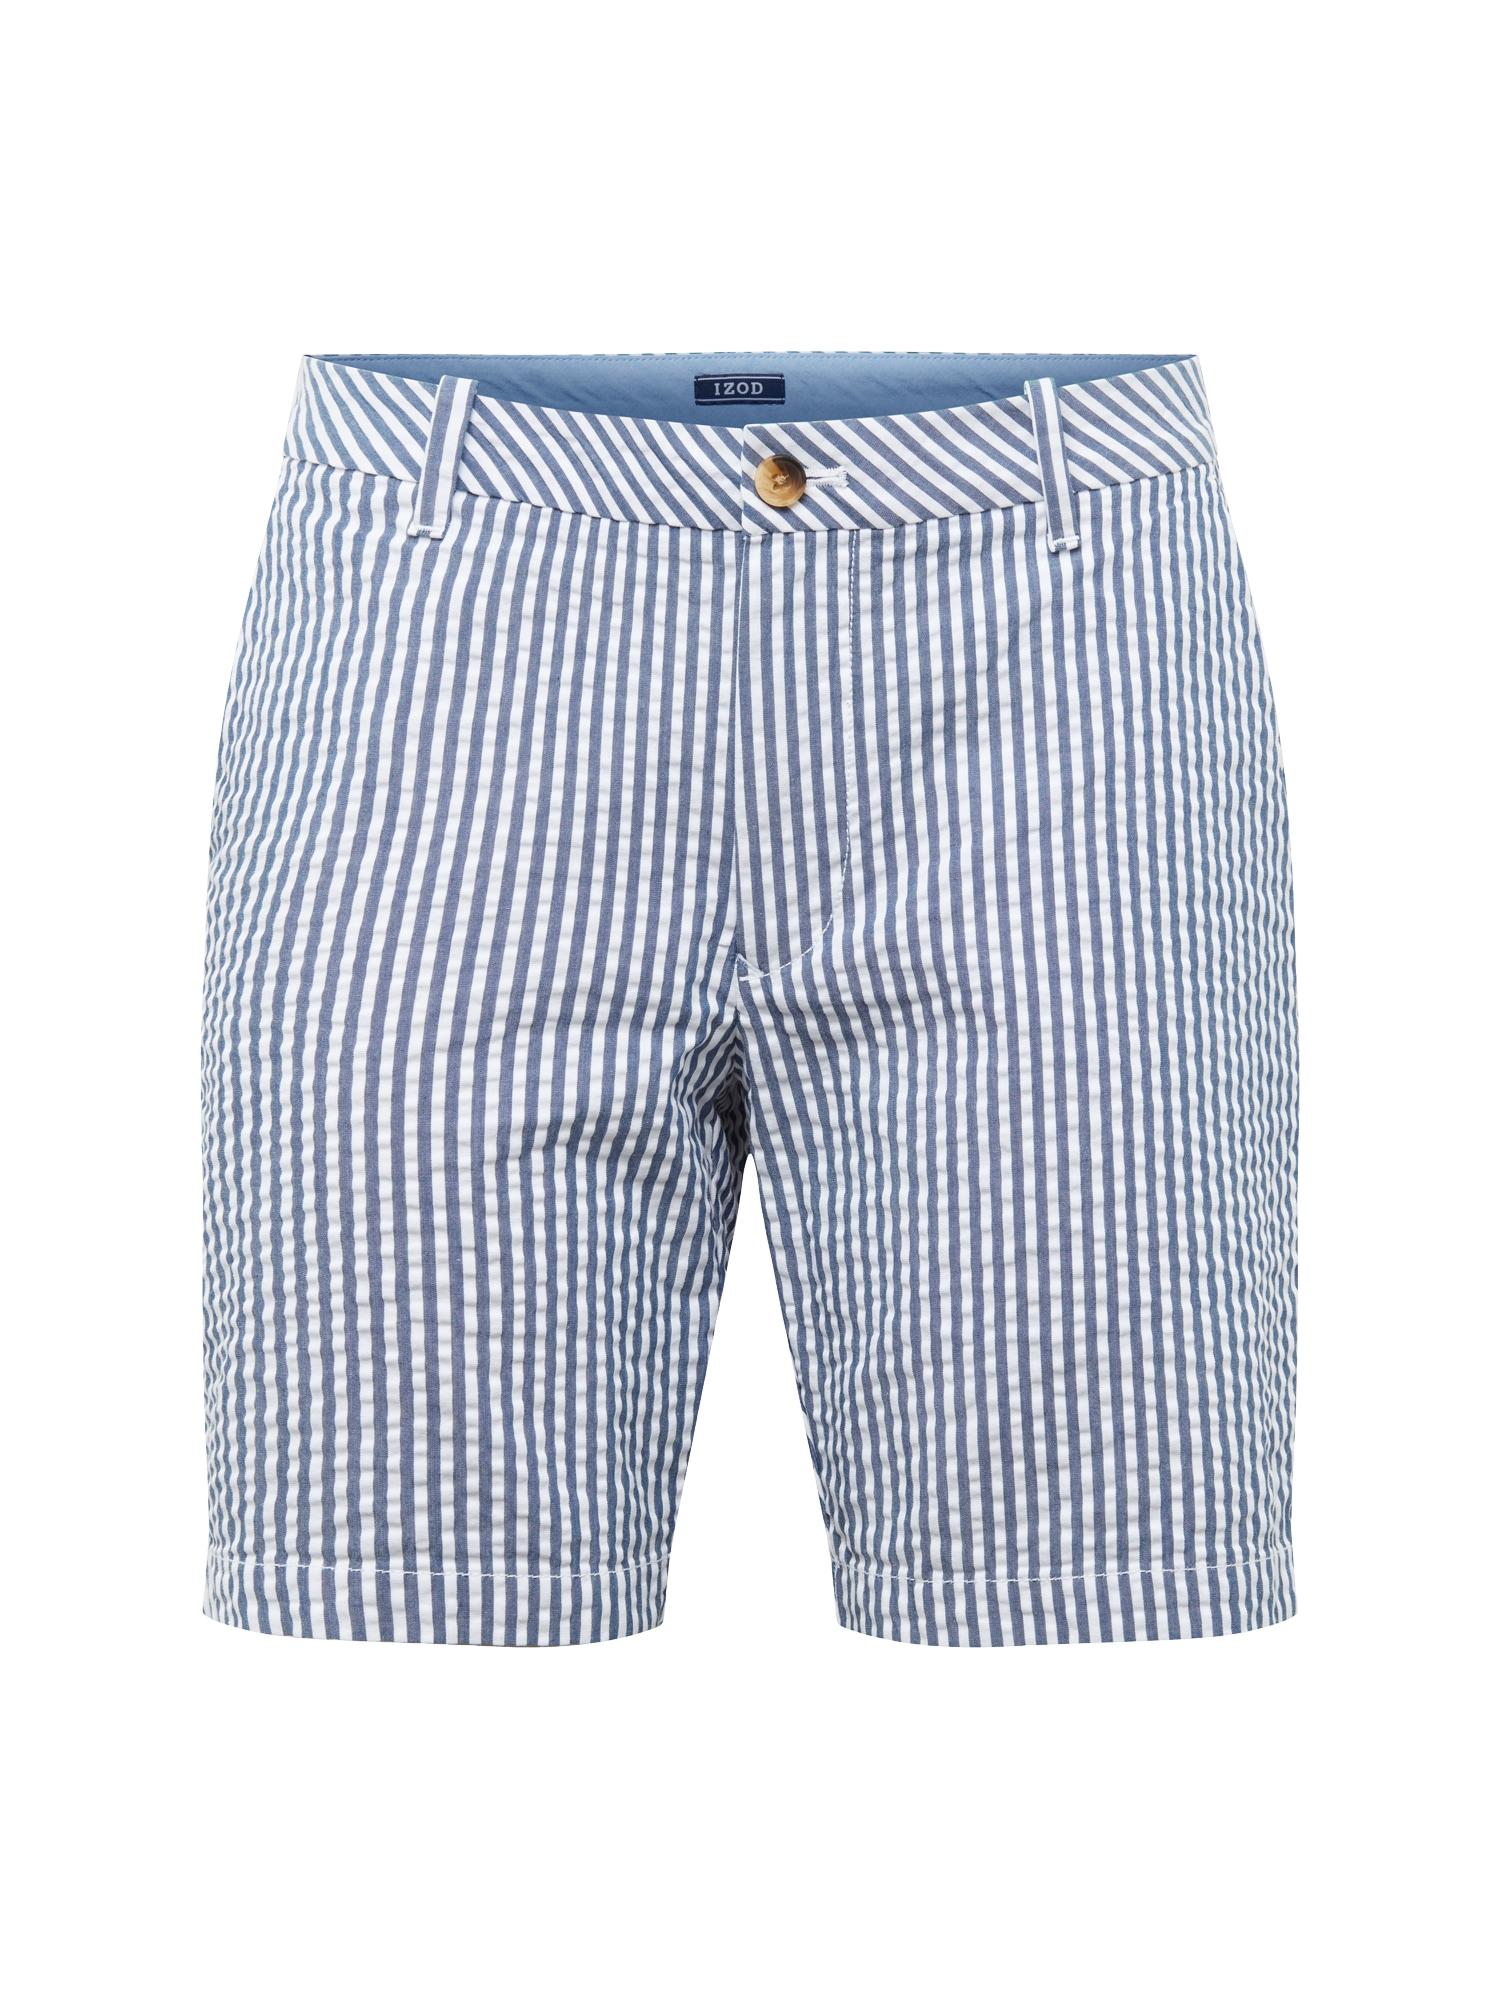 Kalhoty BREEZE SEERSUCKER STRIPE SHORT námořnická modř bílá IZOD